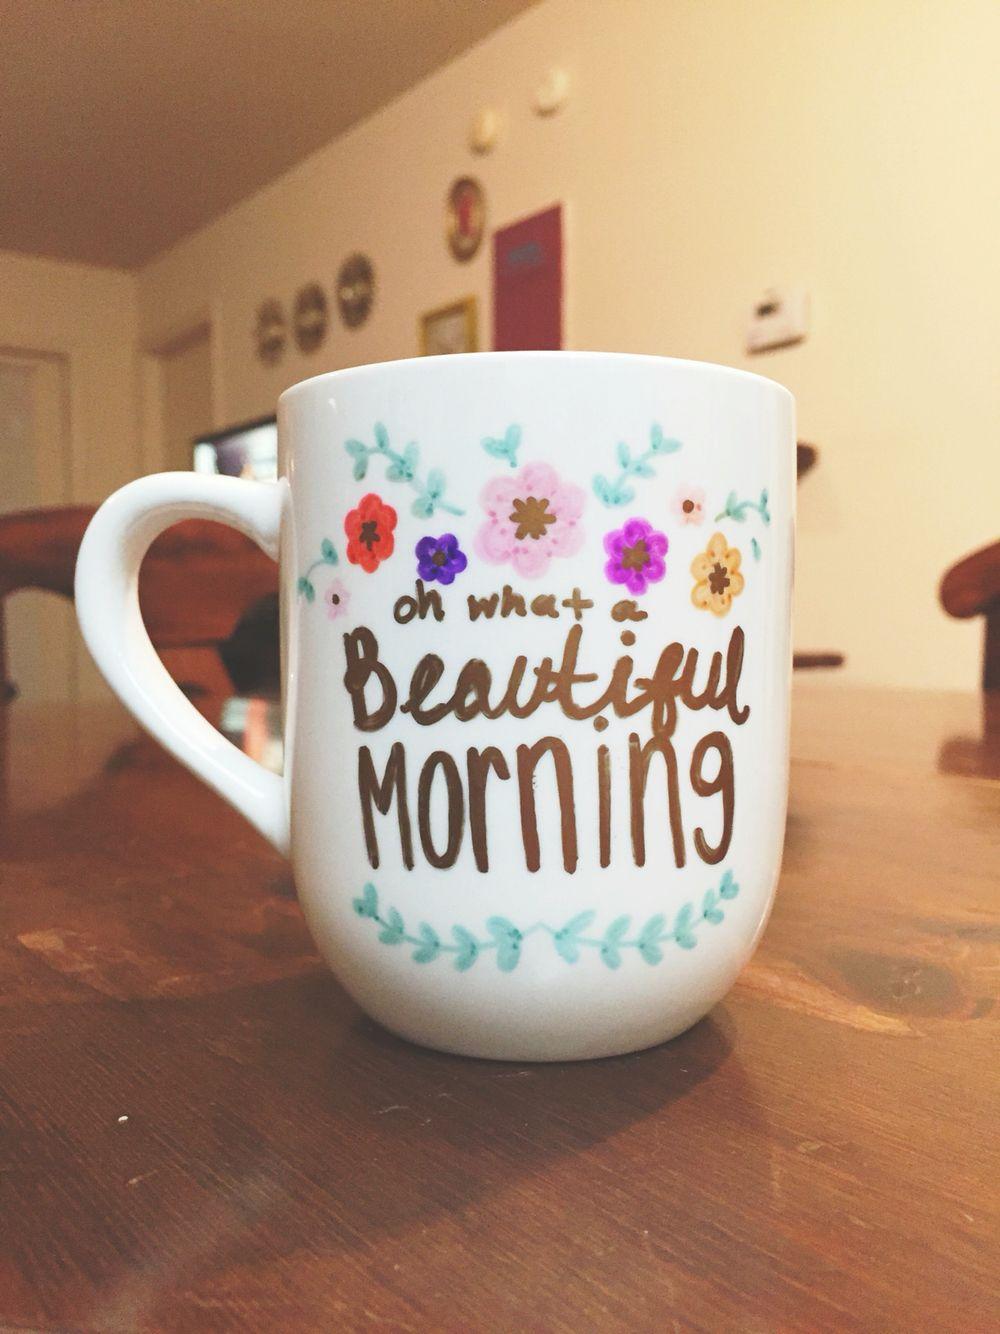 DIY Sharpie Mug Diy mug designs, Diy sharpie mug